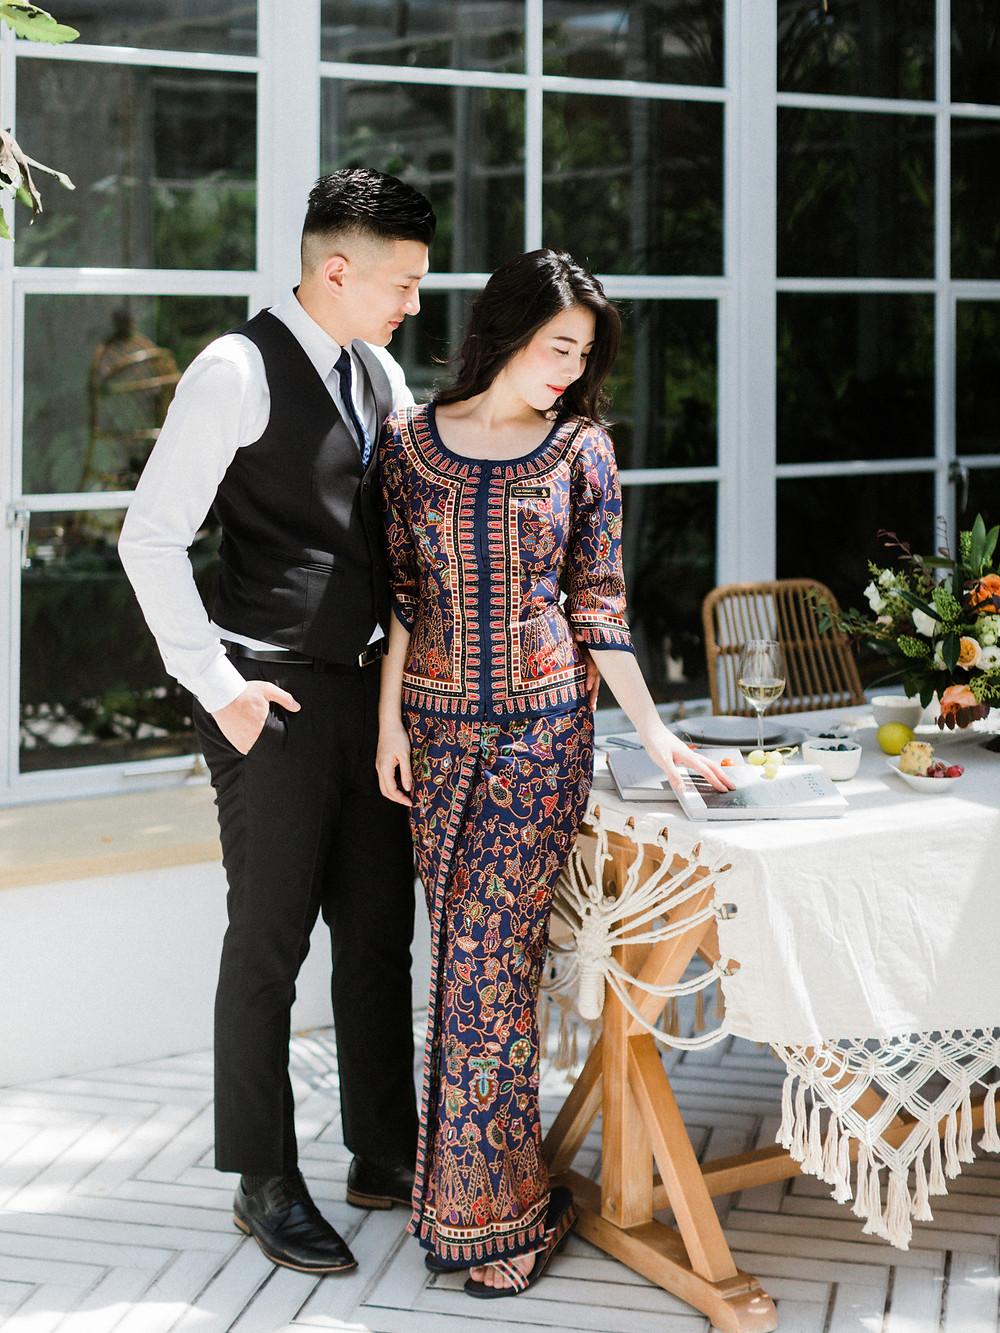 Celine & Derek Engagement(Pre-Wedding) in Taiwan Arther Chen Photography美式婚紗